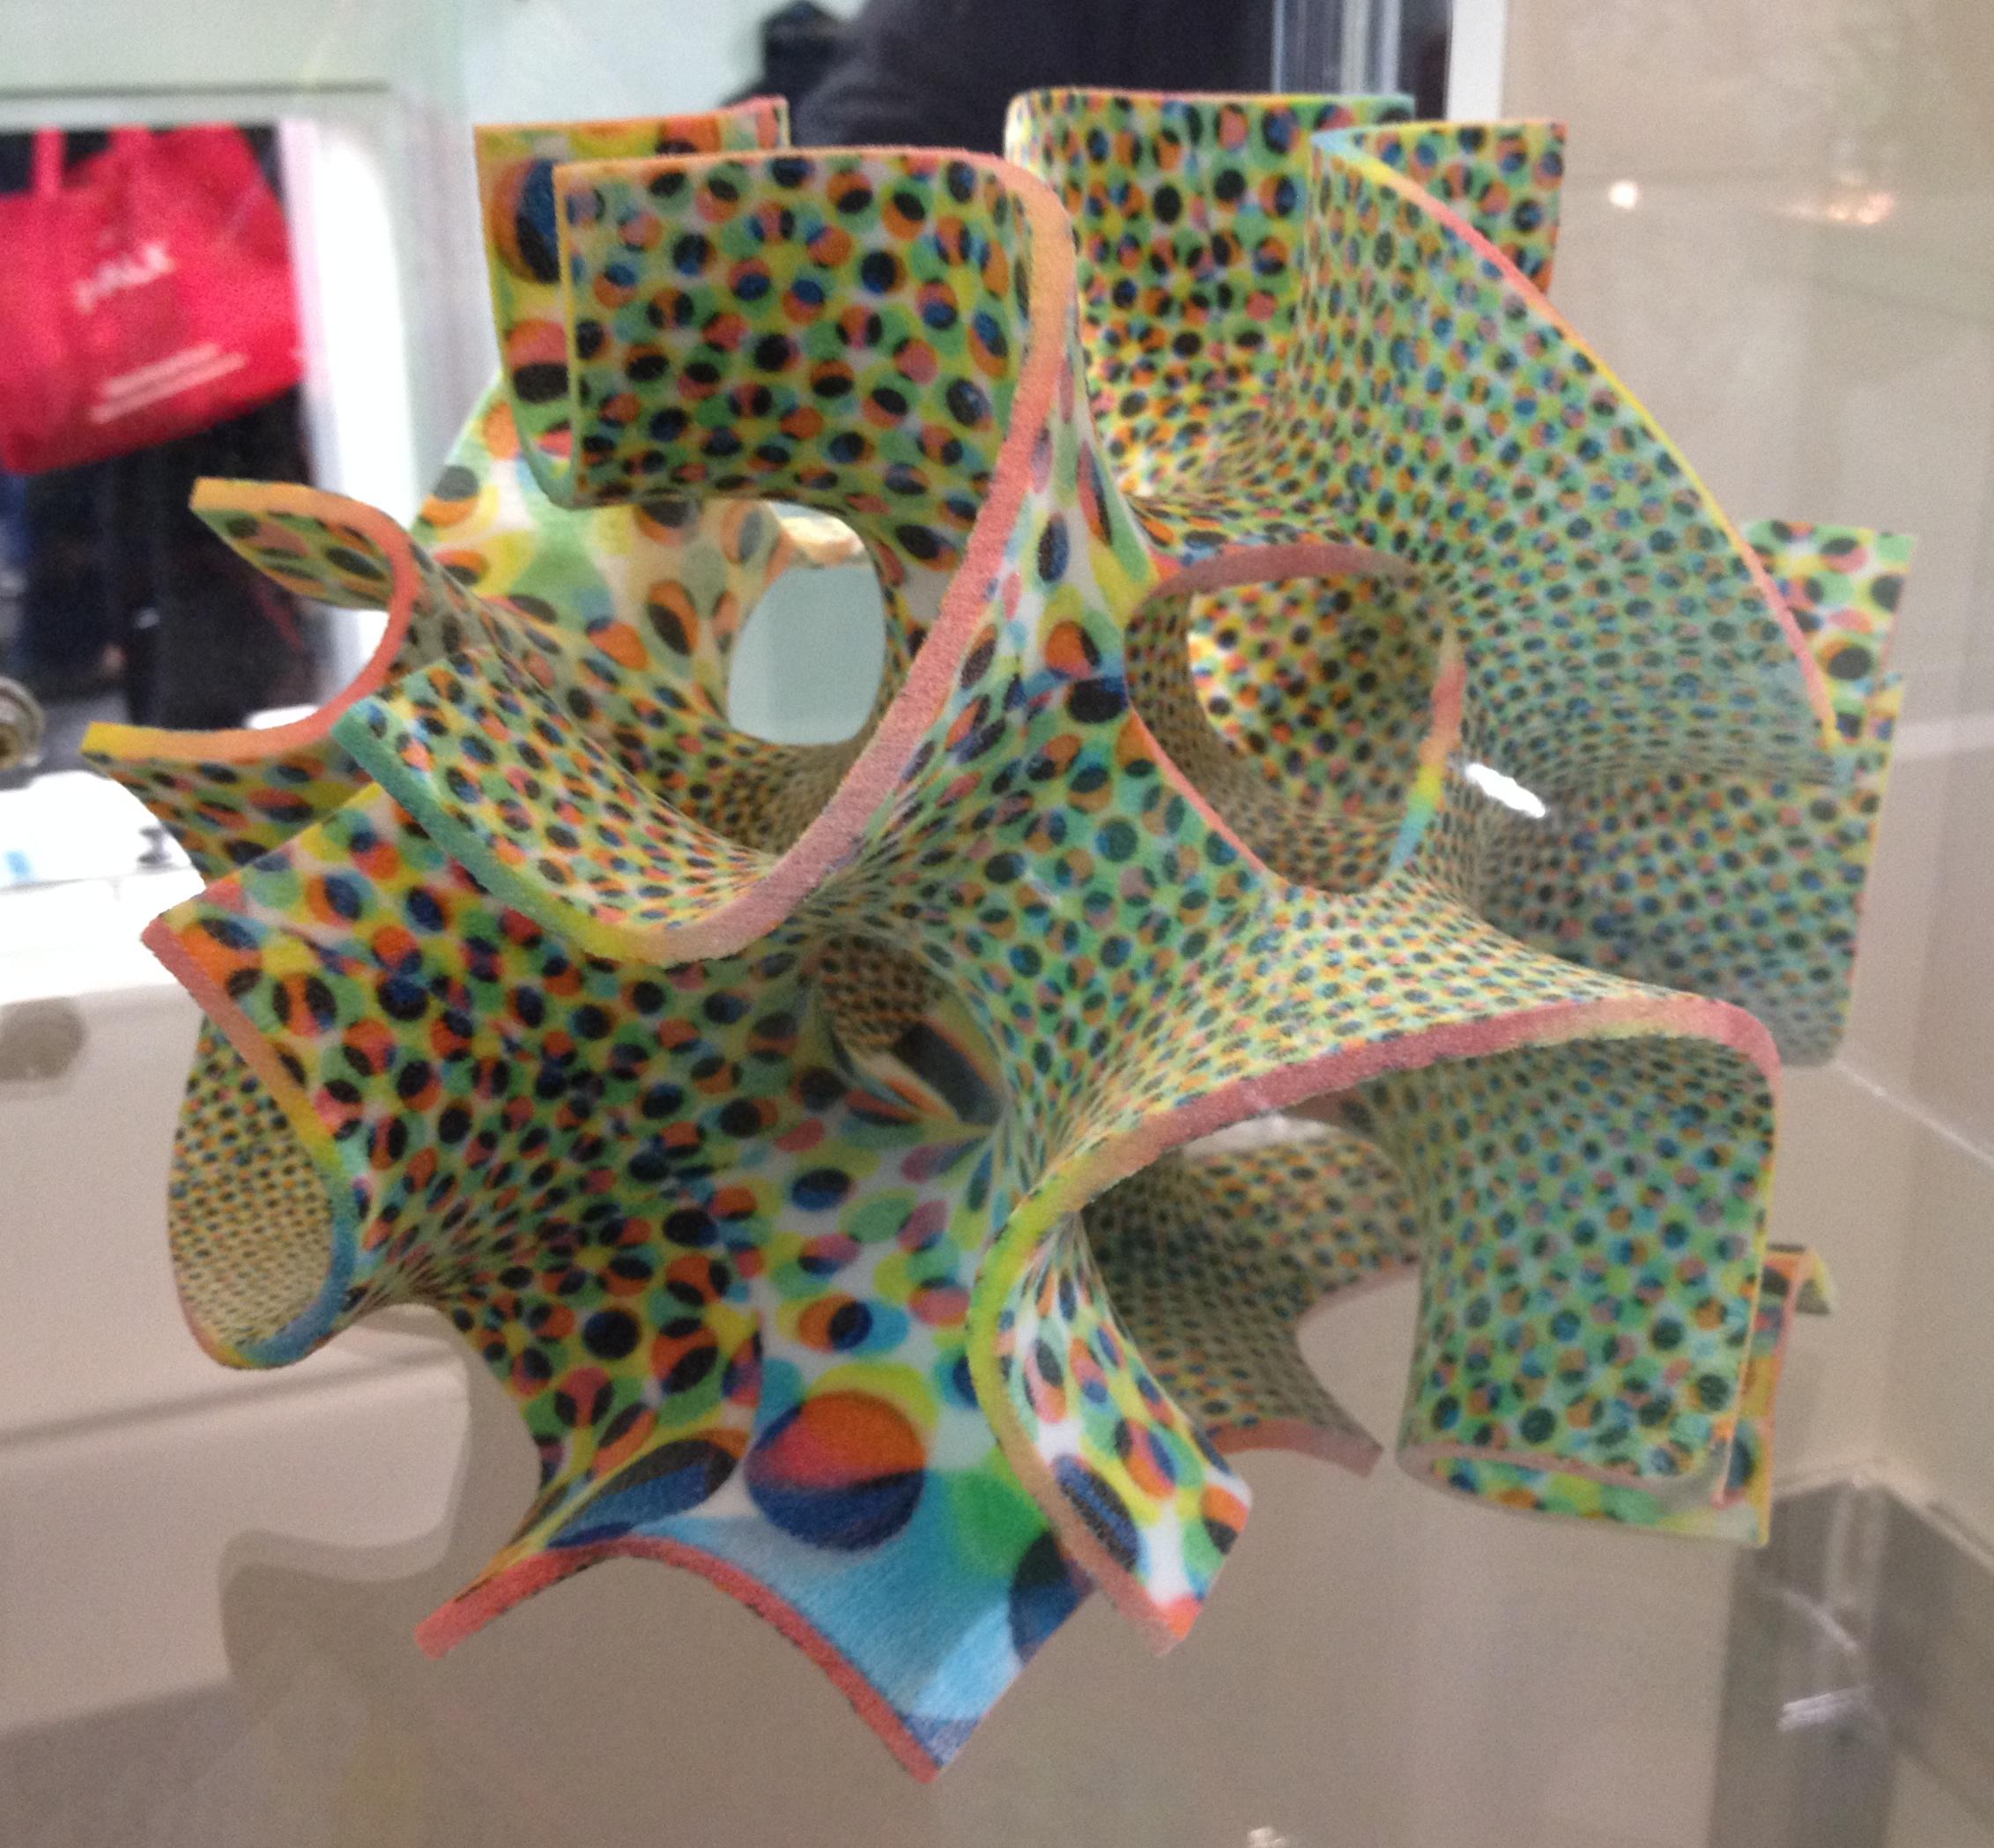 ChefJet Pro multicolor sugar print